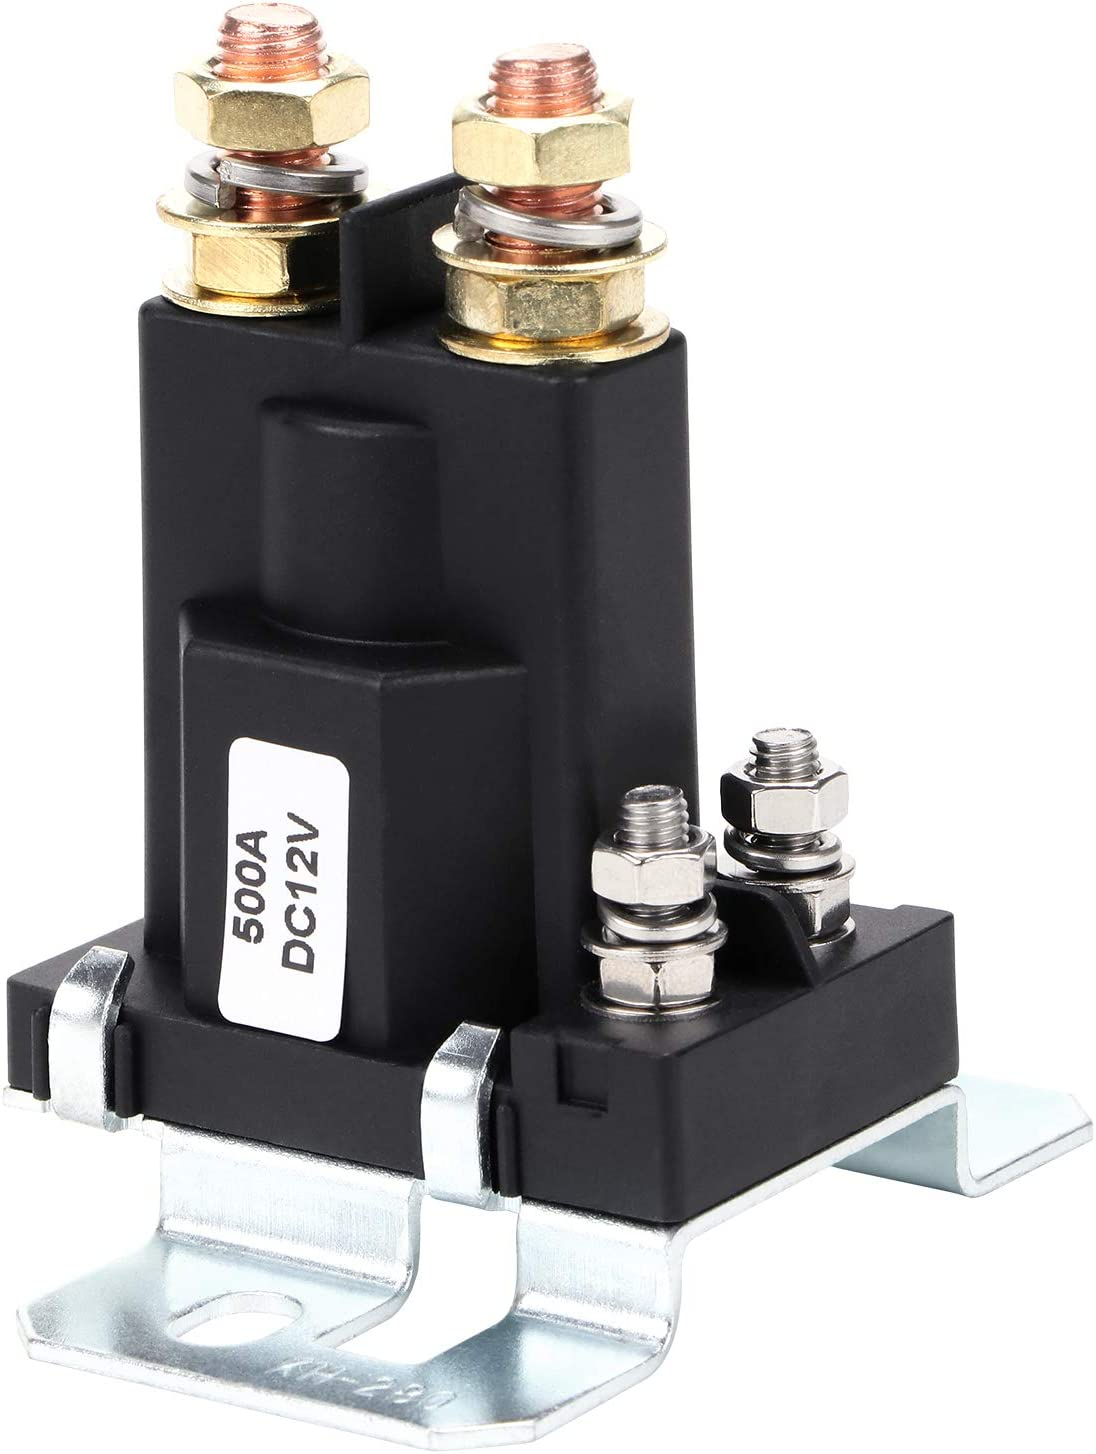 Hseamall Hochstrom Starterrelais 500 Amp Dc 12 V 4 Poliges Spst Auto Auto Start Schütz Doppelbatterien Ein Aus Schalter Für Die Isolatorsteuerung Auto